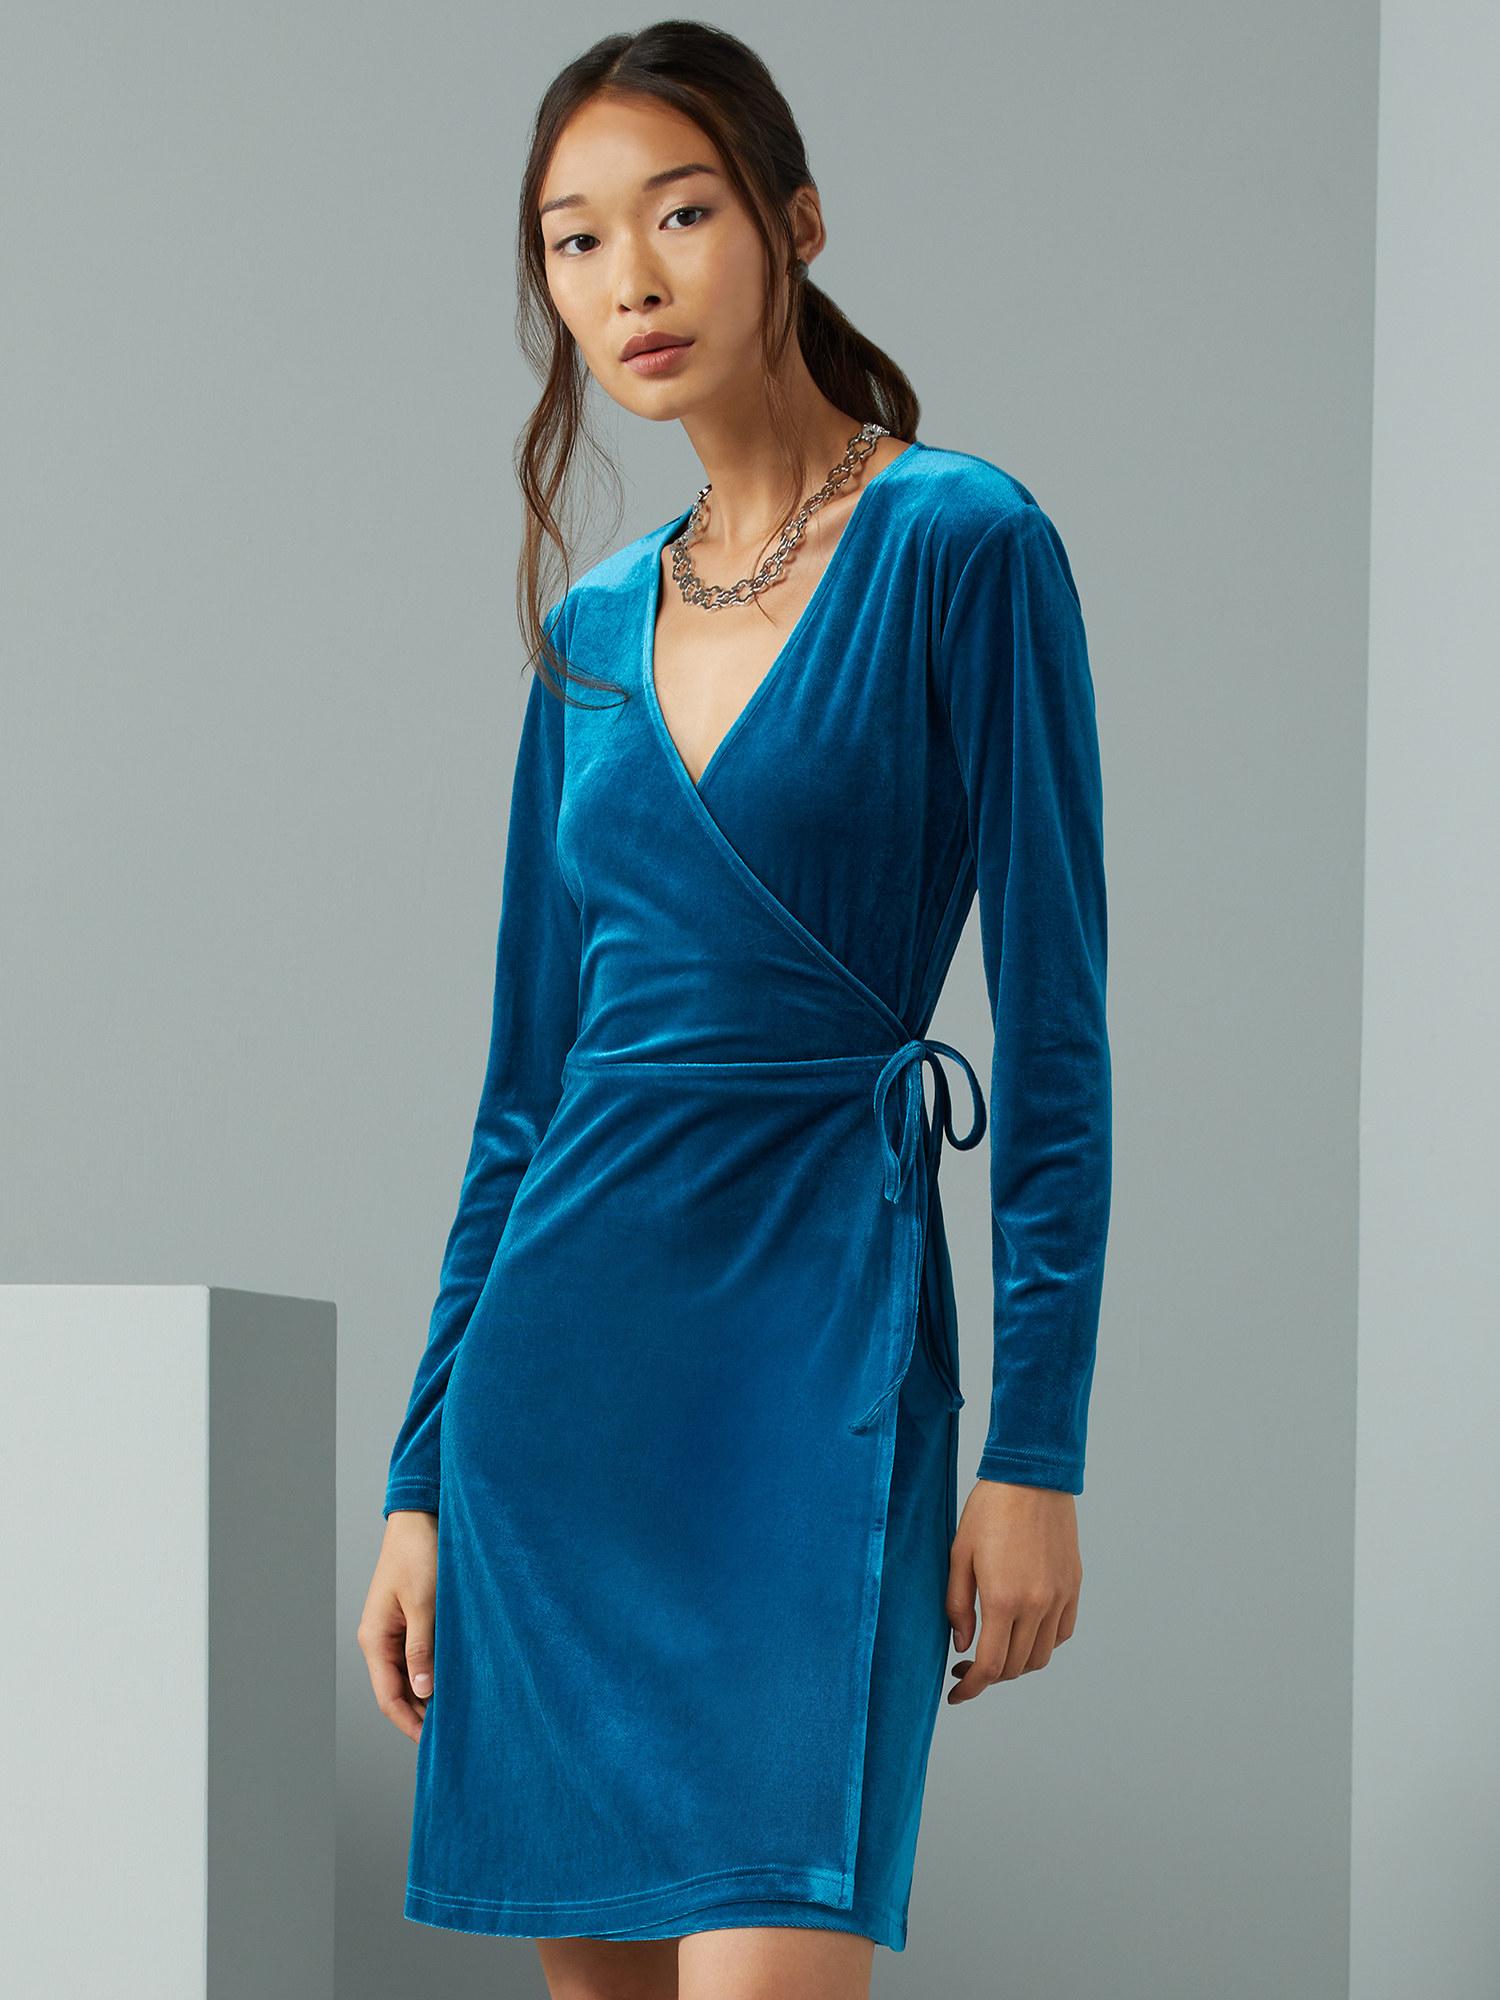 Model wearing blue wrap dress